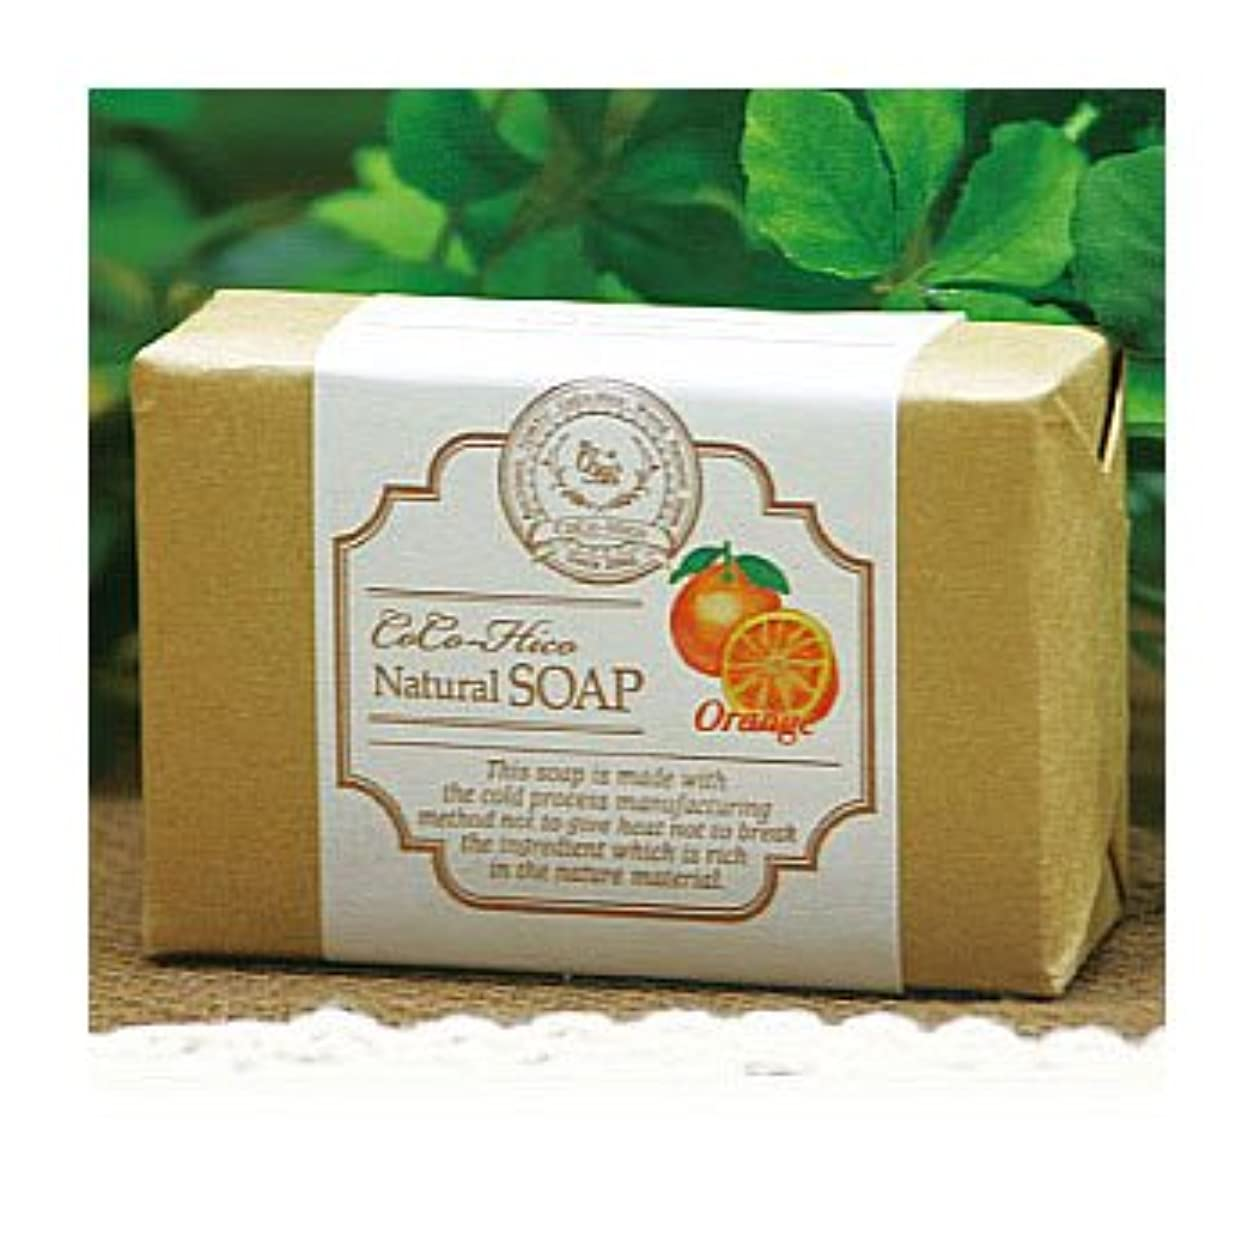 検出器無許可セール【無添加 手作り 生せっけん】-CoCo-Hico SOAP-ココヒコ生せっけん オレンジ